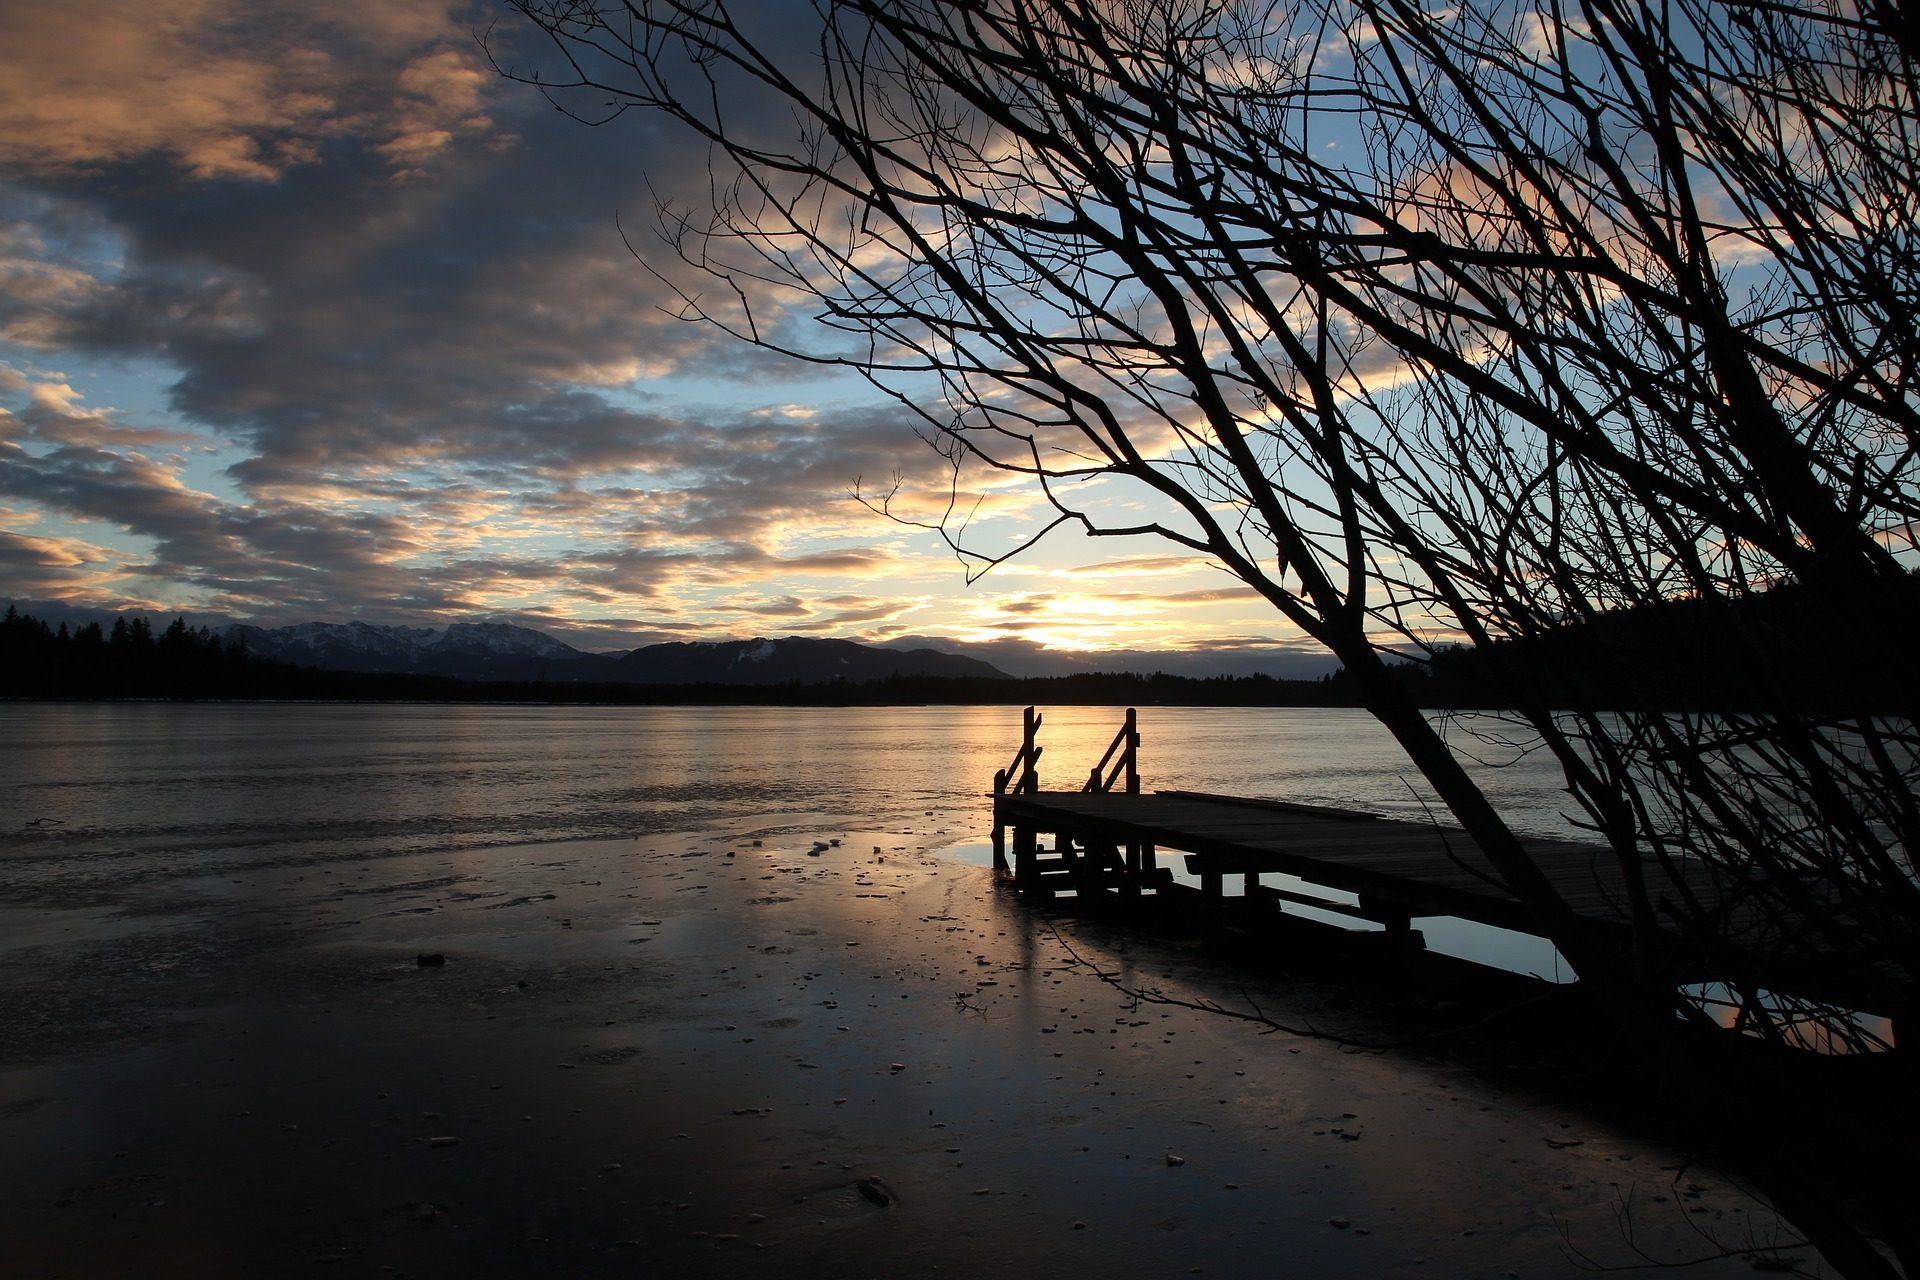 Lake, arbres, Printemps, Embarcadero, Coucher de soleil, nuages - Fonds d'écran HD - Professor-falken.com